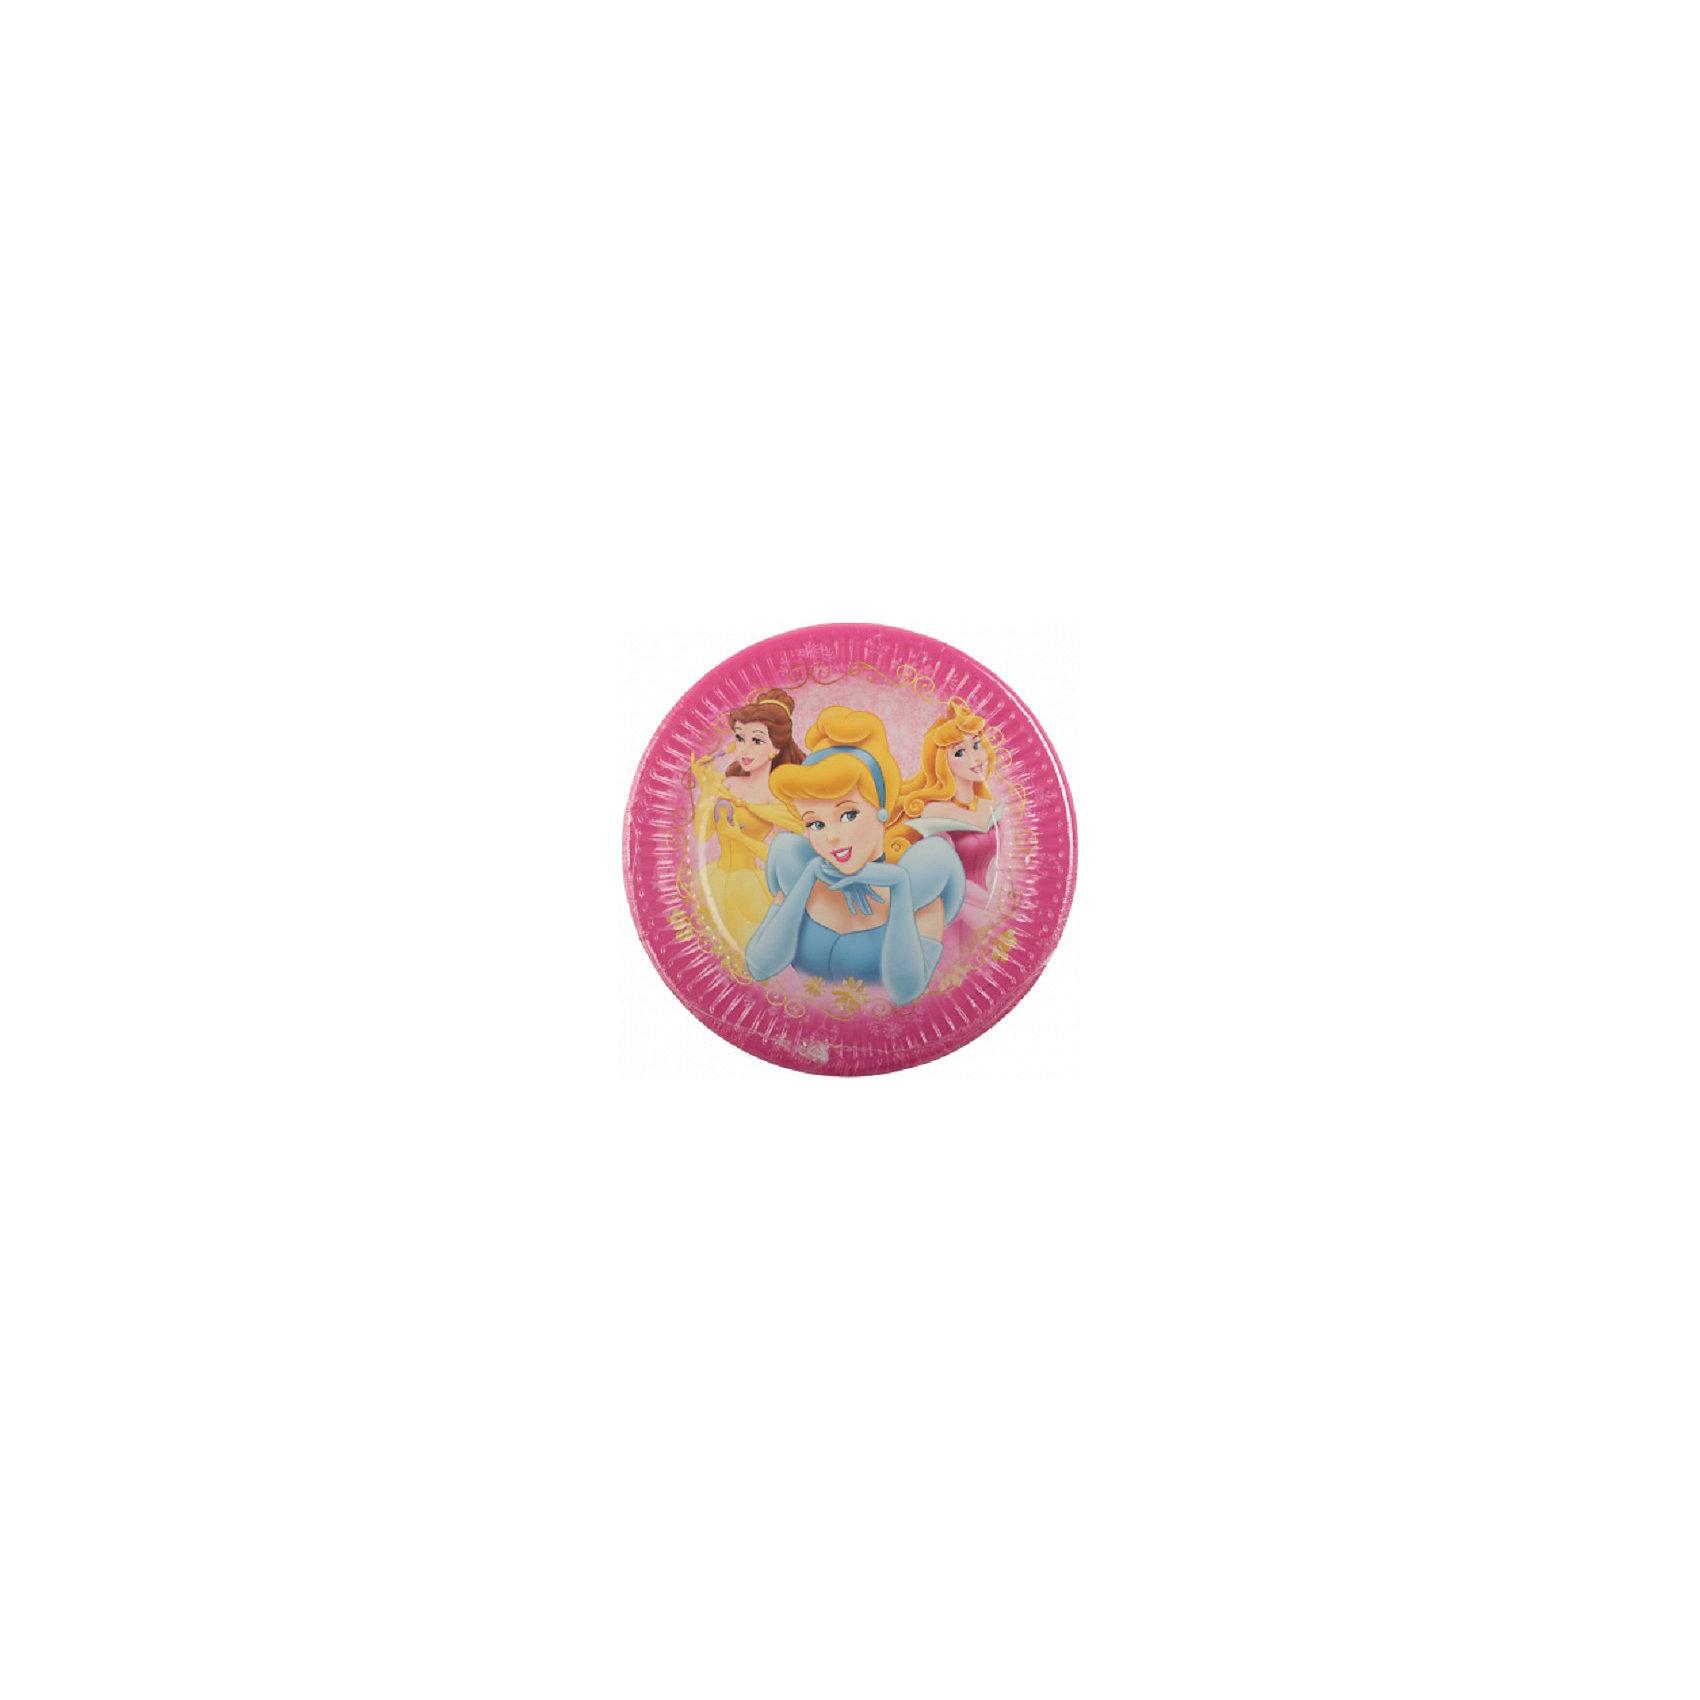 Тарелки «Красивые Принцессы»Тарелки<br>Характеристики товара:<br><br>• возраст: от 3 лет;<br>• упаковка: пакет;<br>• размер упаковки: 19х19х2 см.;<br>• количество тарелок: 8 шт.;<br>• размер тарелки: 20 см.;<br>• цвет: розовый;<br>• материал: картон;<br>• бренд, страна: Procos, Россия;<br>• страна-производитель: Греция.<br><br>Тарелки  «Красивые Принцессы» с изображением трех принцес в шикарных нарядах помогут не только оригинально и необычно украсить праздничный стол и создать незабываемую атмосферу праздника, но и обезопасят вас и ваших детей от разбитой посуды. <br><br>Тарелки сделаны из качественных материалов, не токсичны, противоаллергенны и безопасны для здоровья.<br><br>Тарелки  «Красивые Принцессы» , 20 см., 8 шт., Procos (Прокос)  можно купить в нашем интернет-магазине.<br><br>Ширина мм: 20<br>Глубина мм: 195<br>Высота мм: 195<br>Вес г: 15<br>Возраст от месяцев: 36<br>Возраст до месяцев: 120<br>Пол: Унисекс<br>Возраст: Детский<br>SKU: 6914353